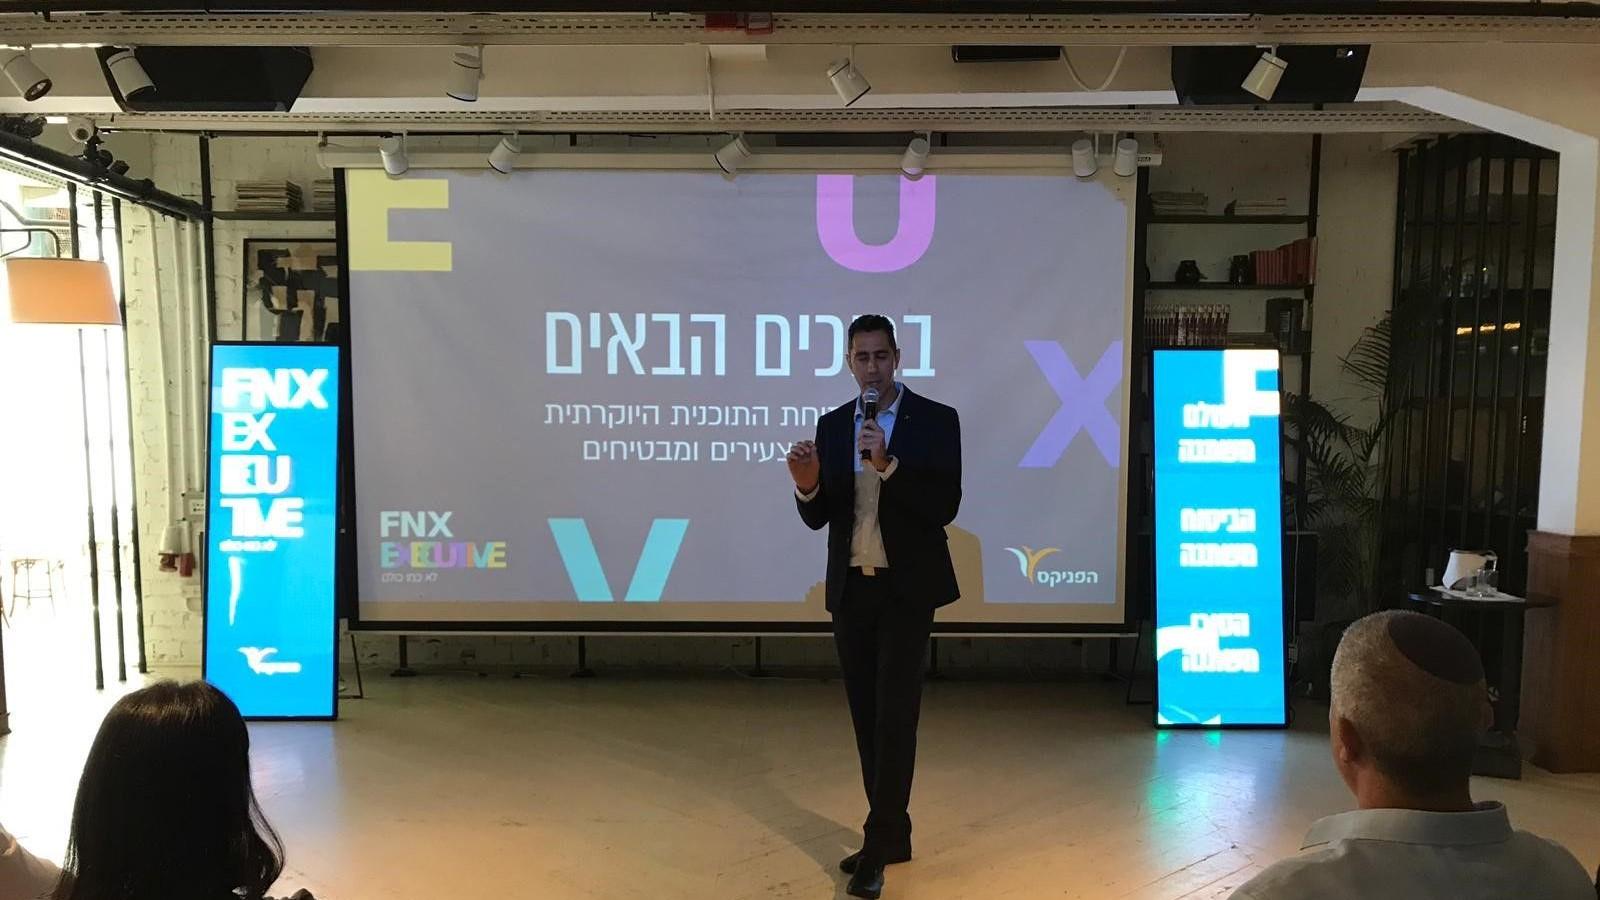 הושקה האקדמיה של הפניקס לסוכנים צעירים, FNX Executive